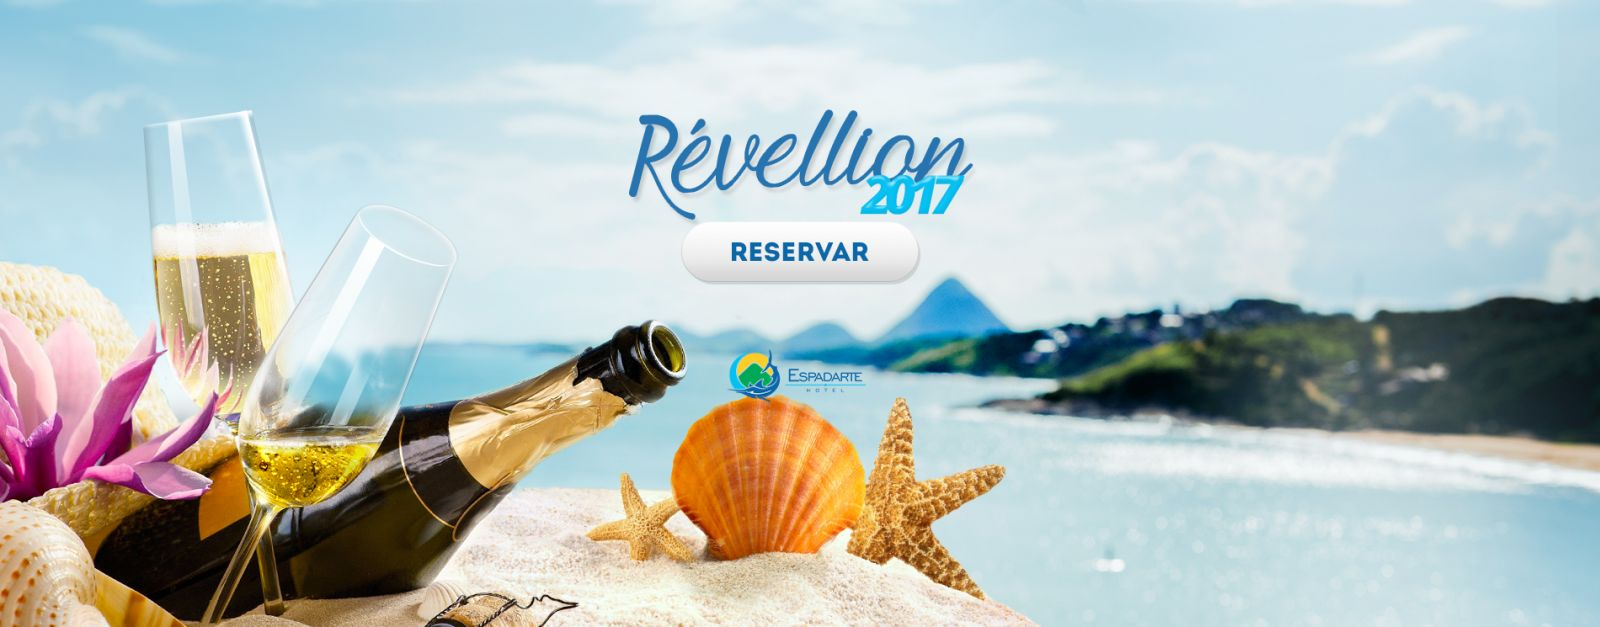 banner_reveillon_v2